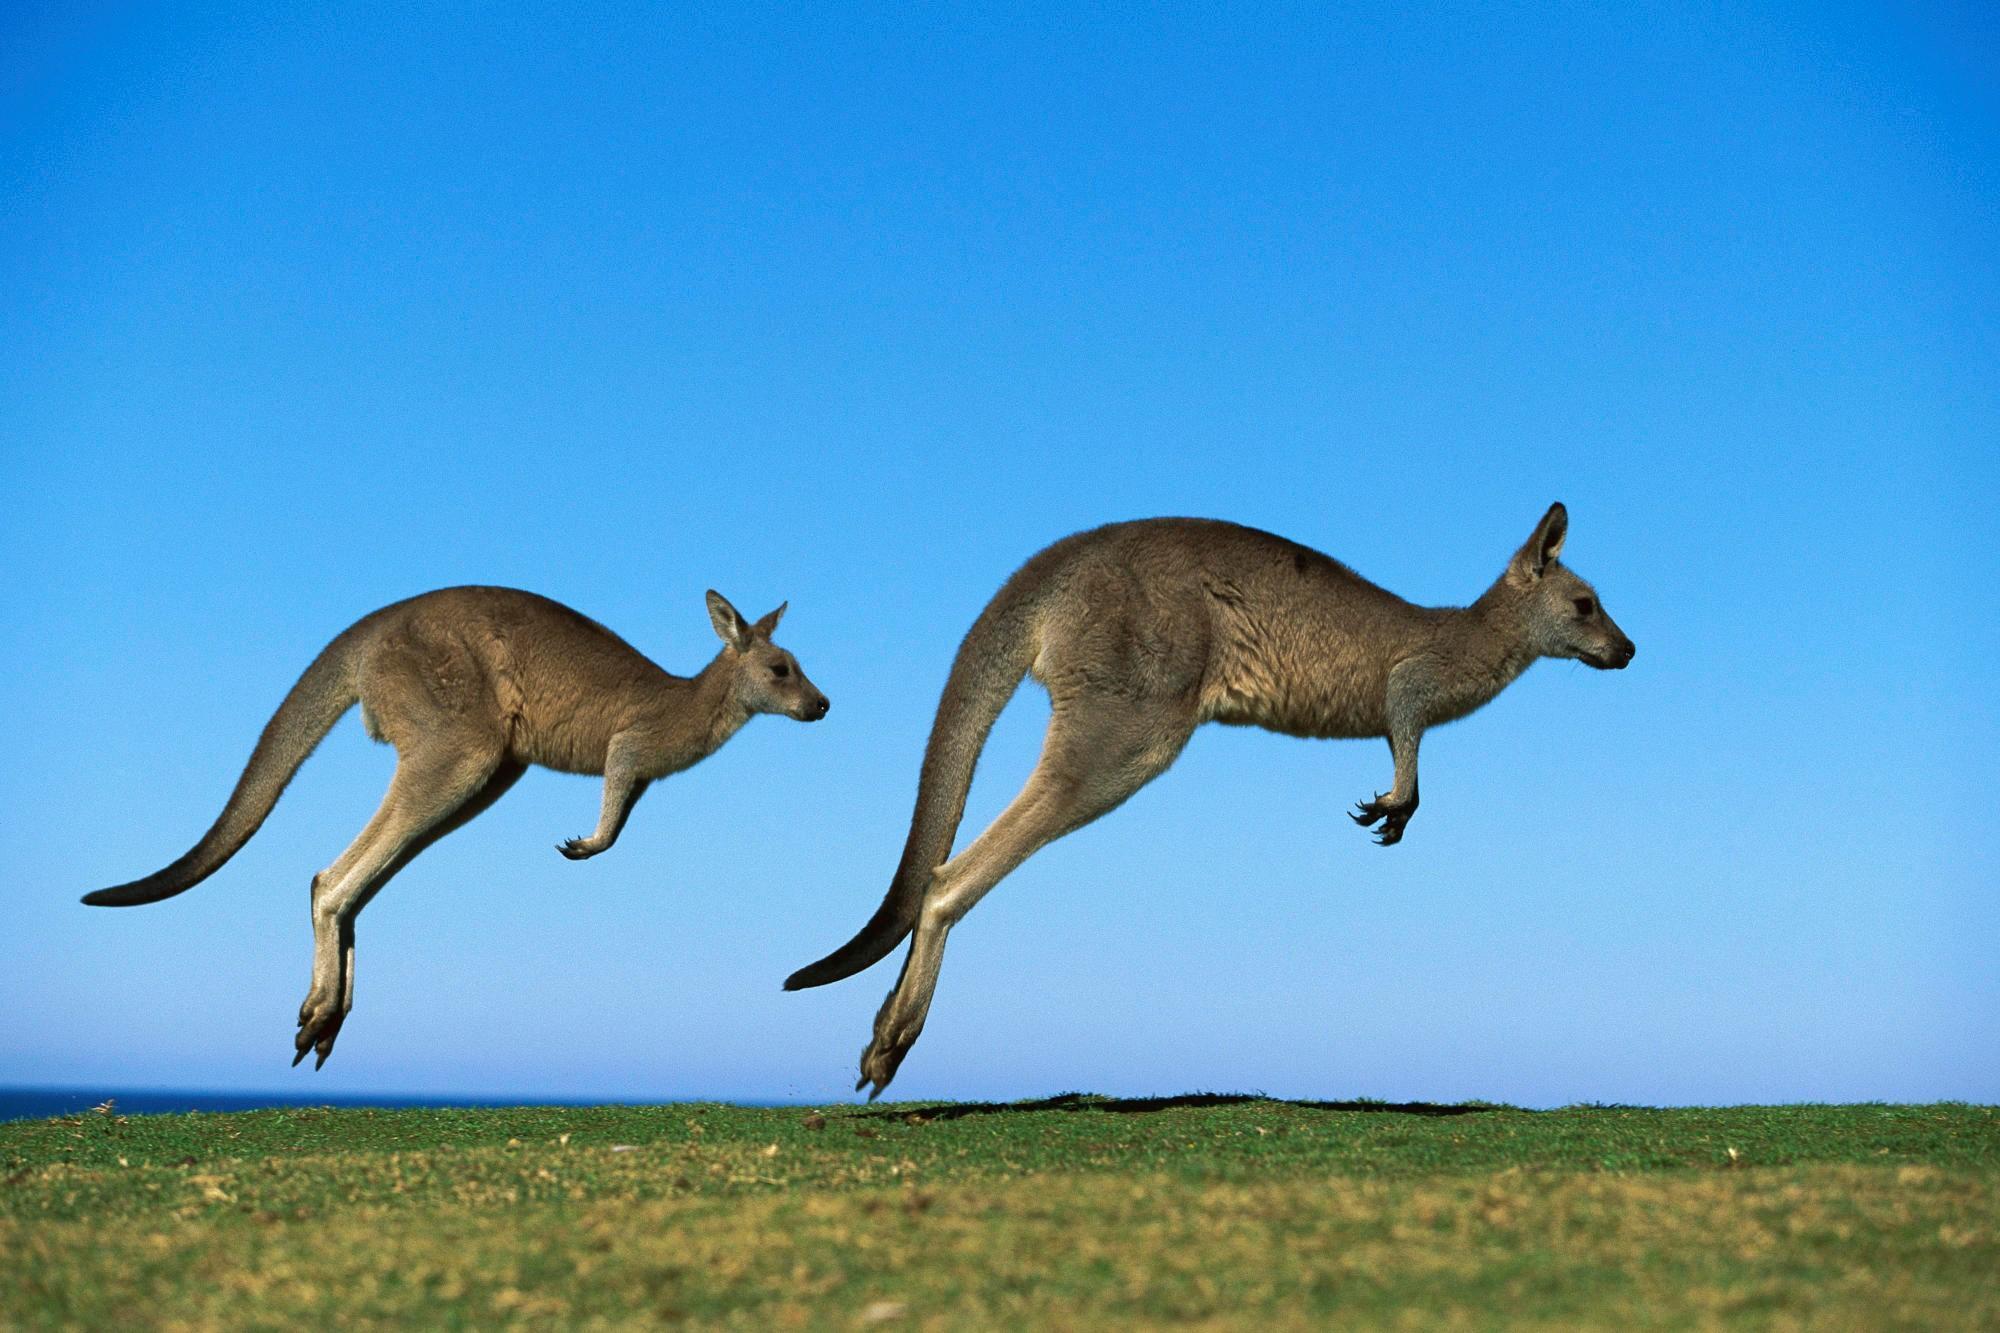 Картинка: Кенгуру, прыгают, поле, небо, горизонт